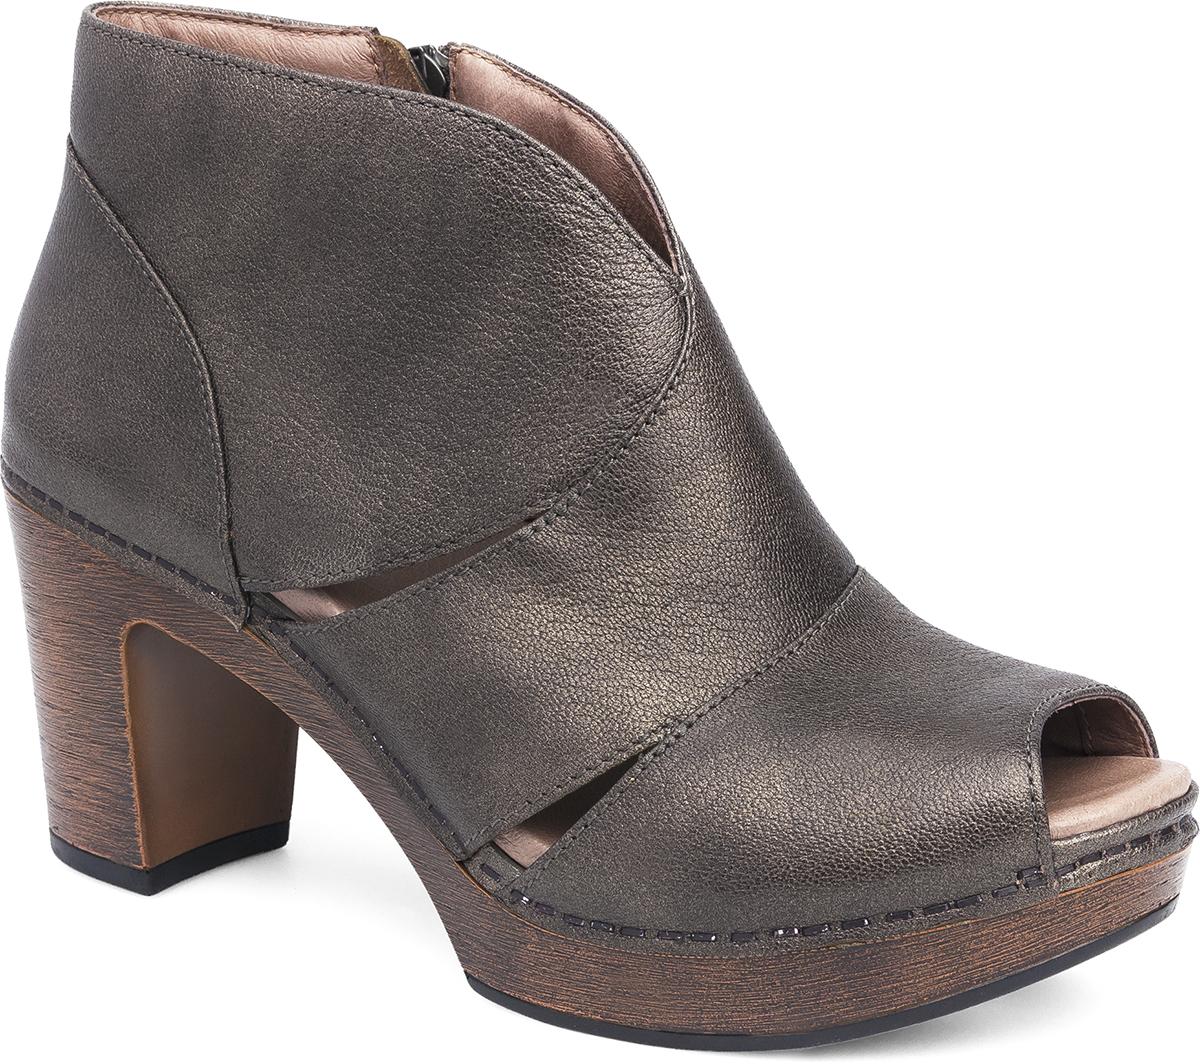 Delphina Aged Bronze Metallic - Dansko® Women's Ankle Boots & Booties Dansko.com